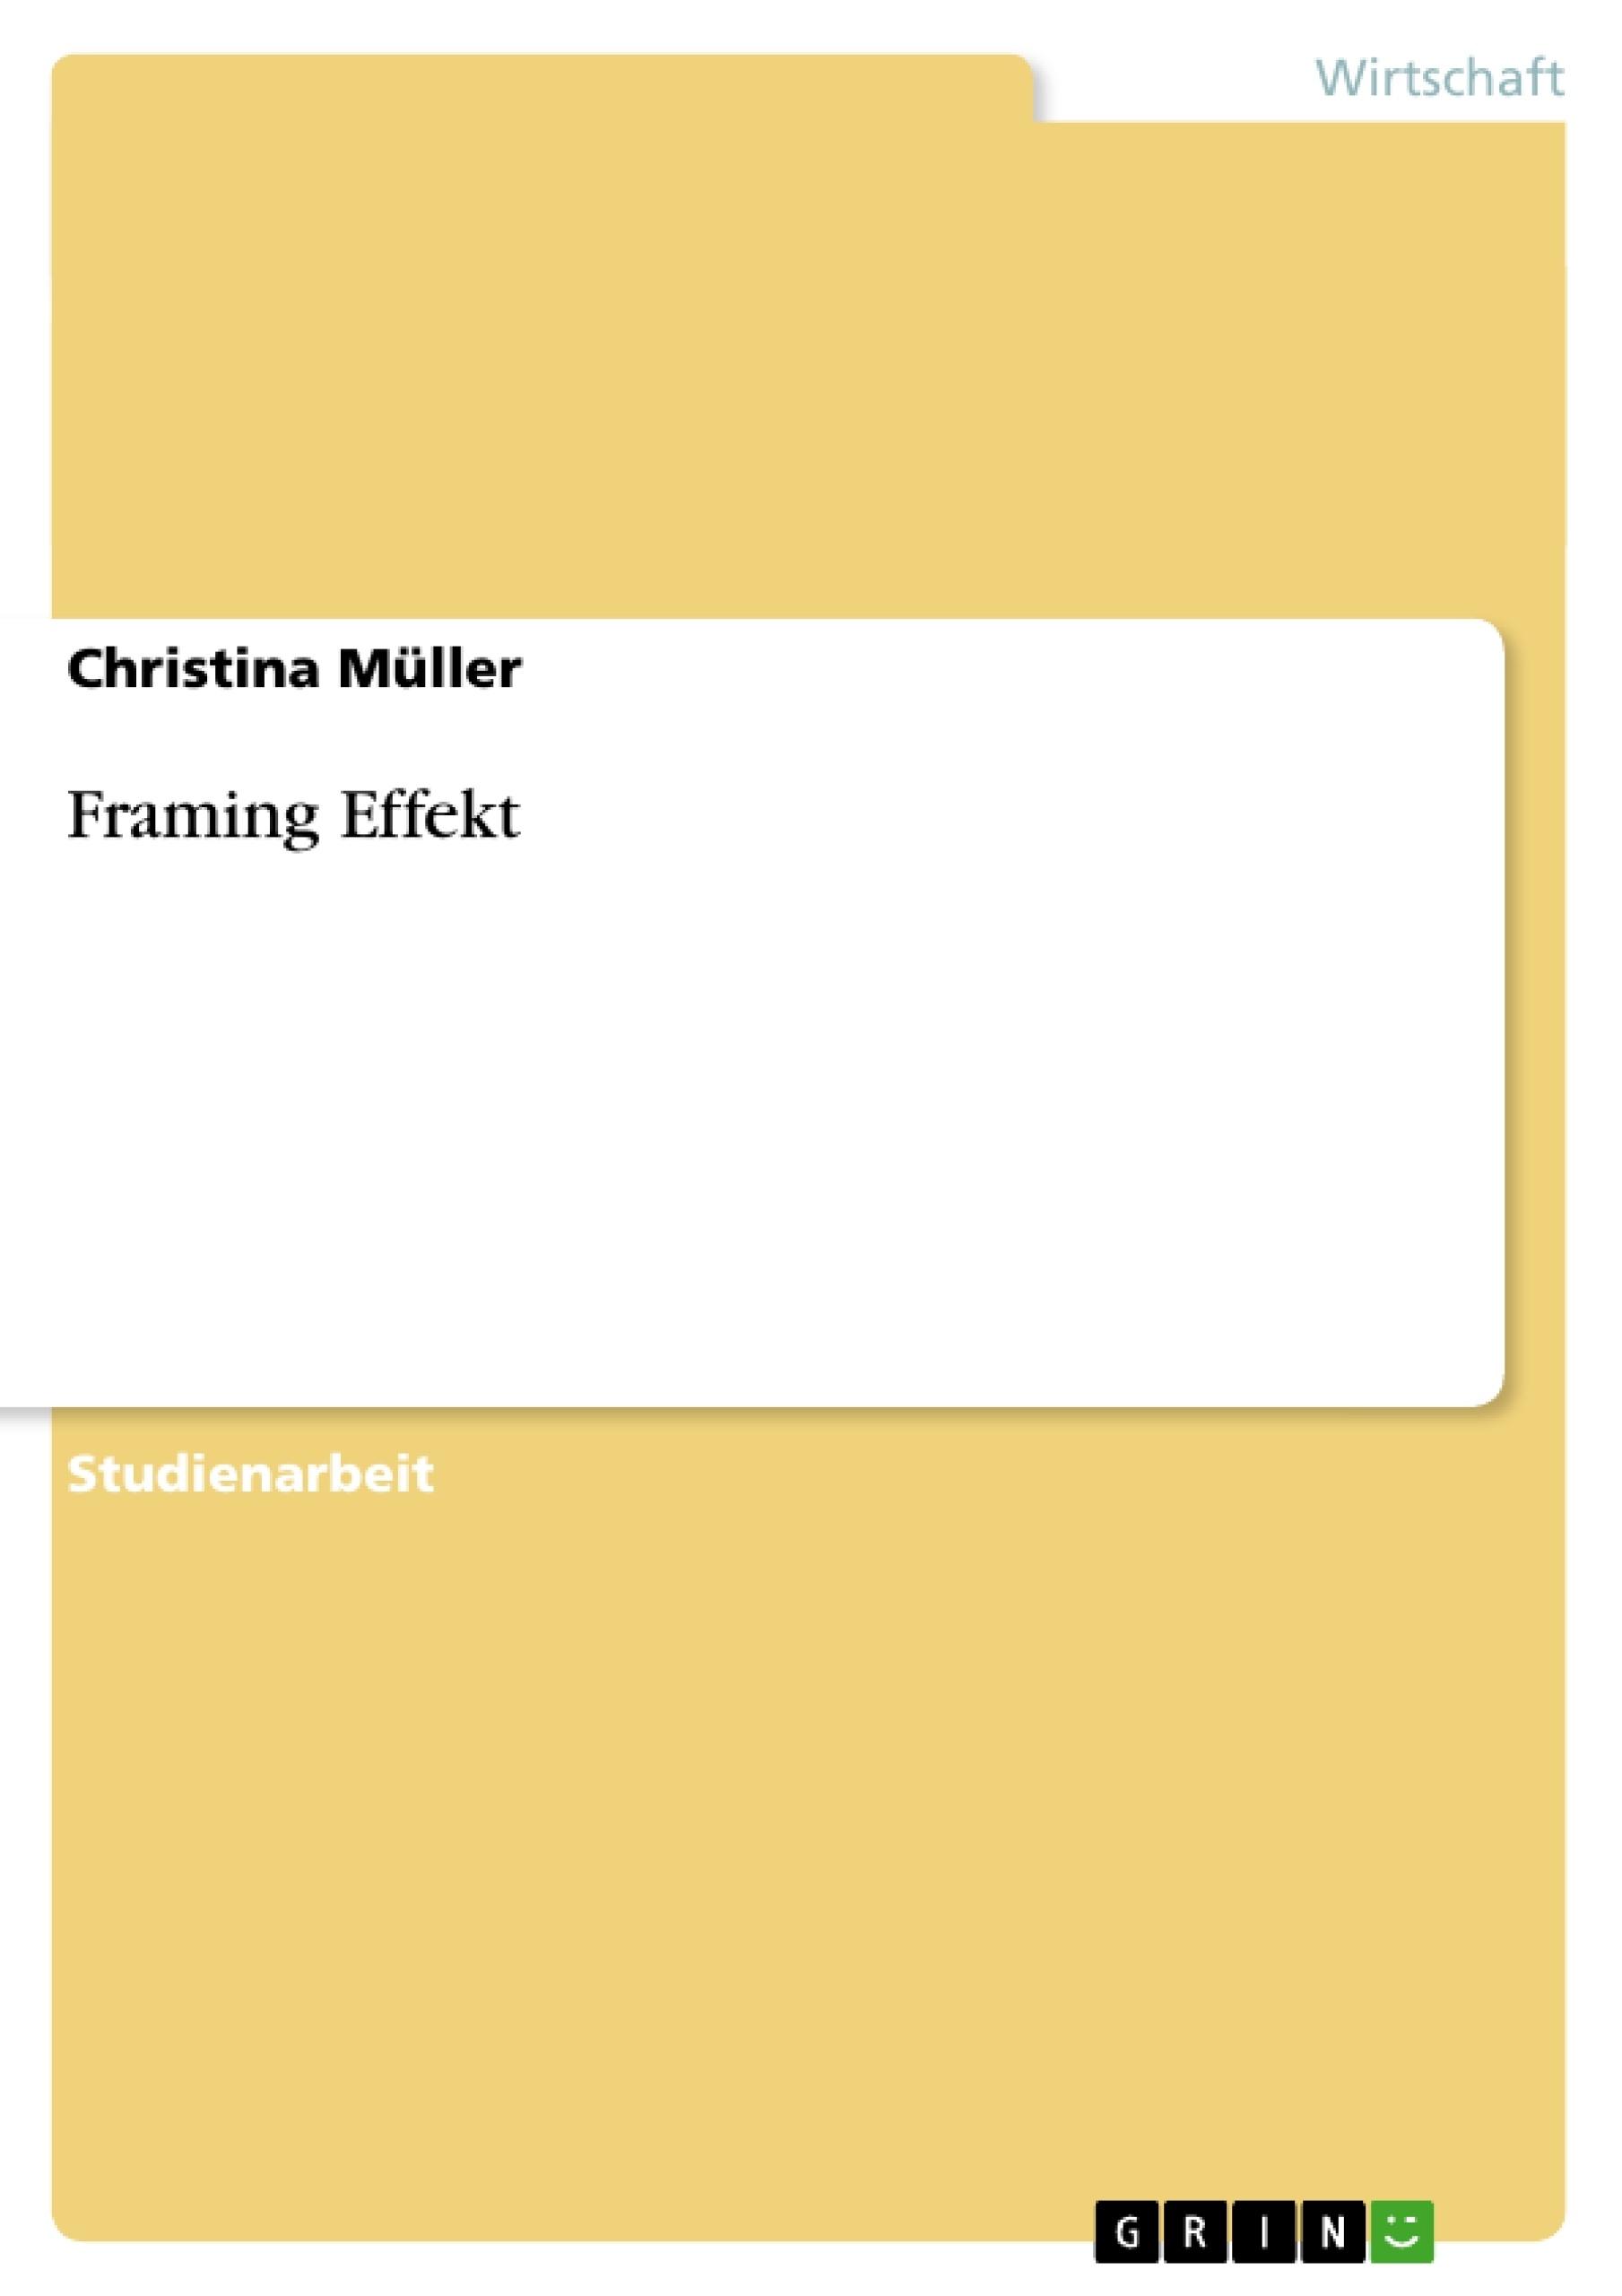 Framing Effekt | Masterarbeit, Hausarbeit, Bachelorarbeit ...